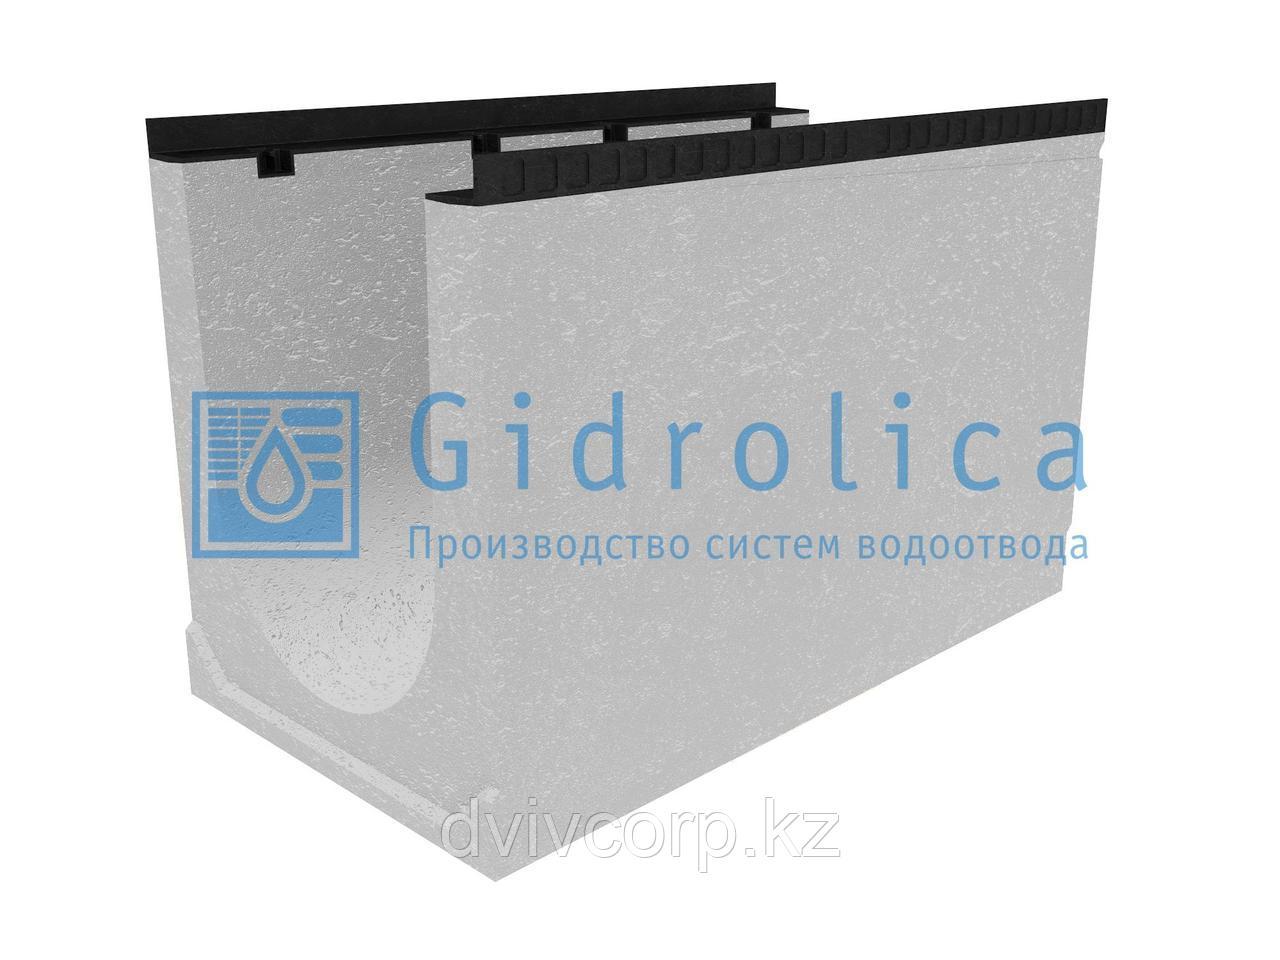 Лоток водоотводный бетонный коробчатый (СО-400мм)КU 100.54(40).65(57) - BGМ, № 40-0